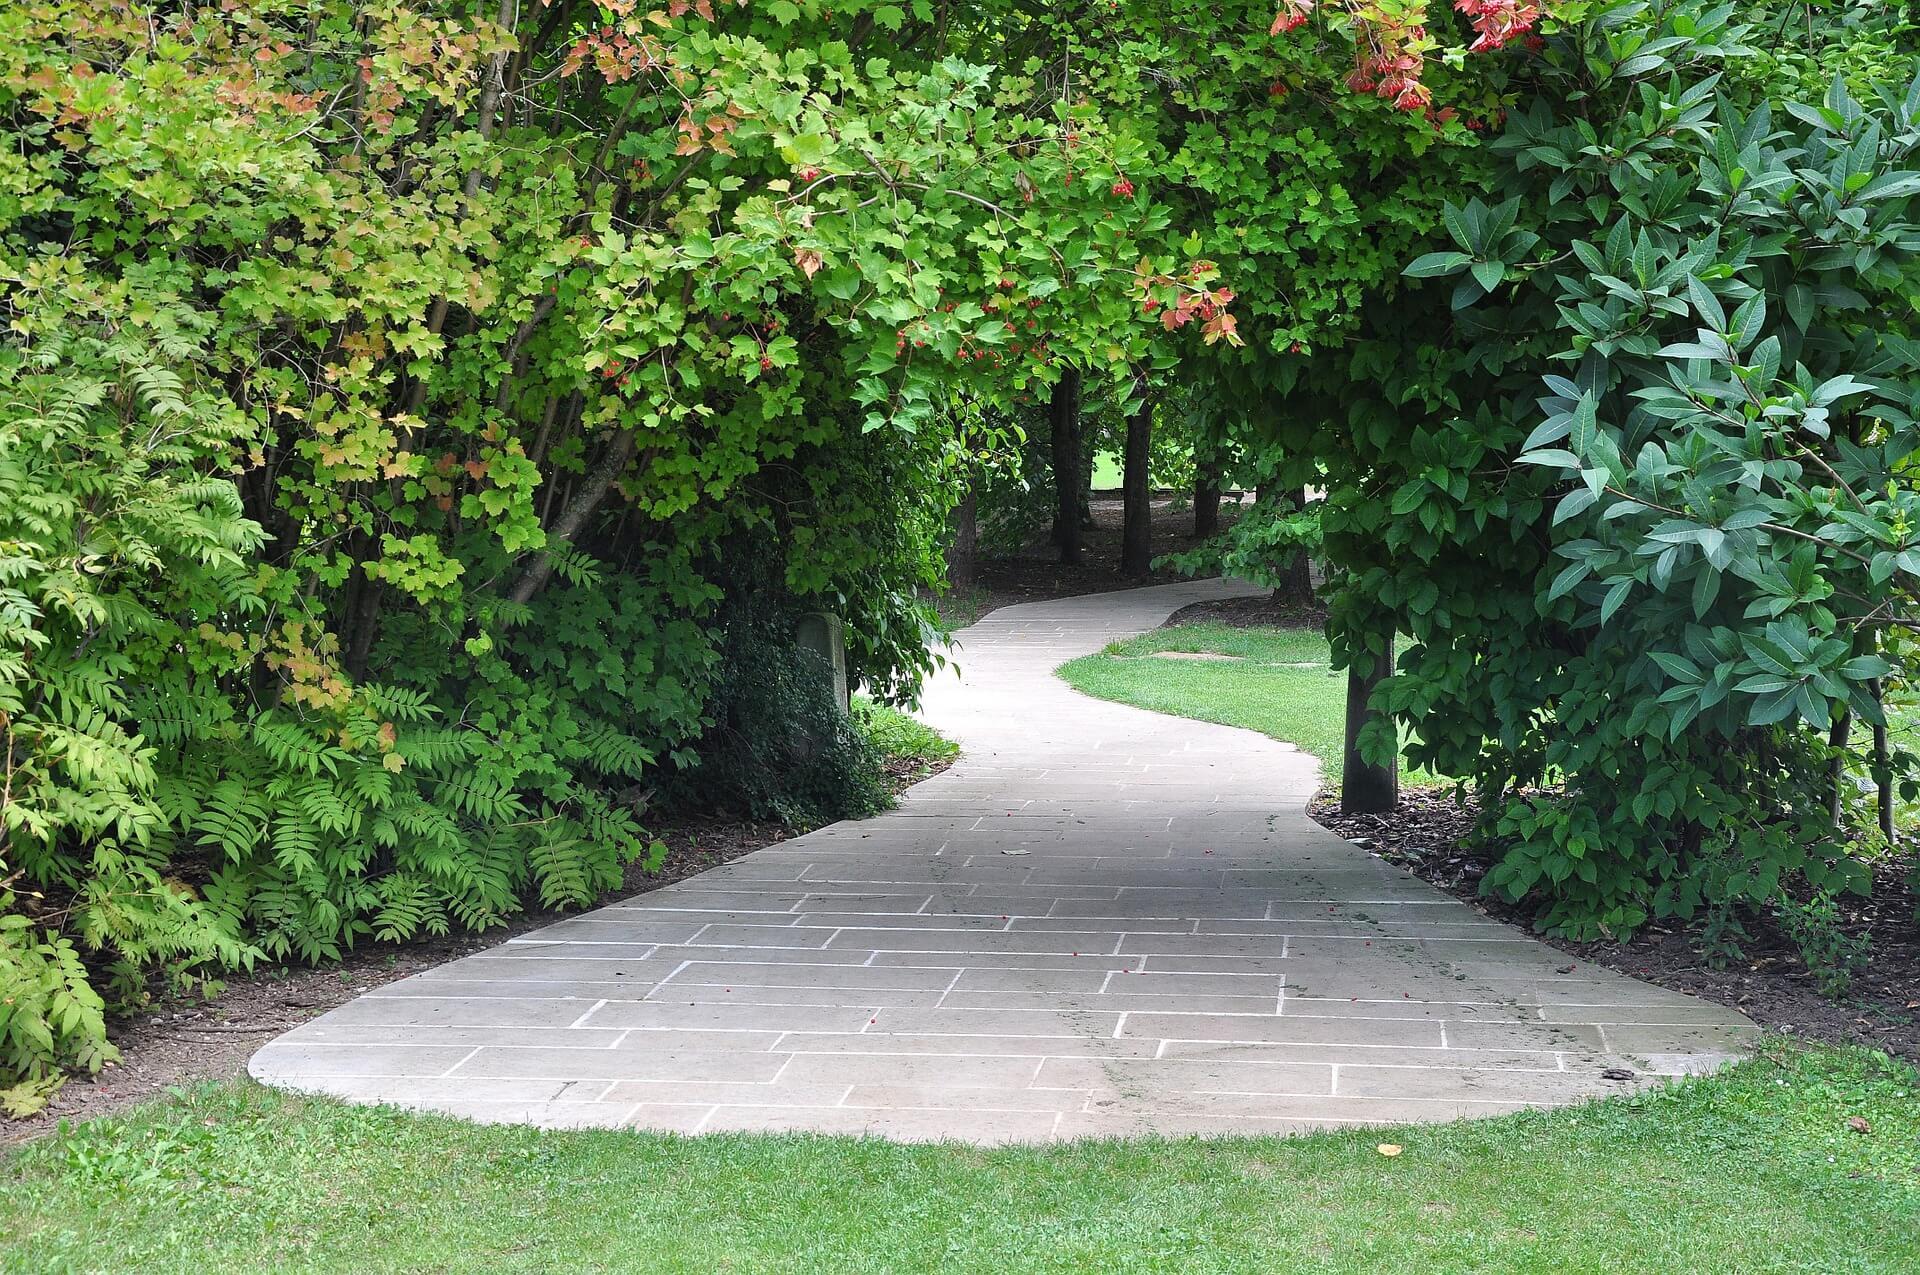 Tuin Laten Bestraten : Uw tuin opnieuw laten bestraten of laten opknappen?